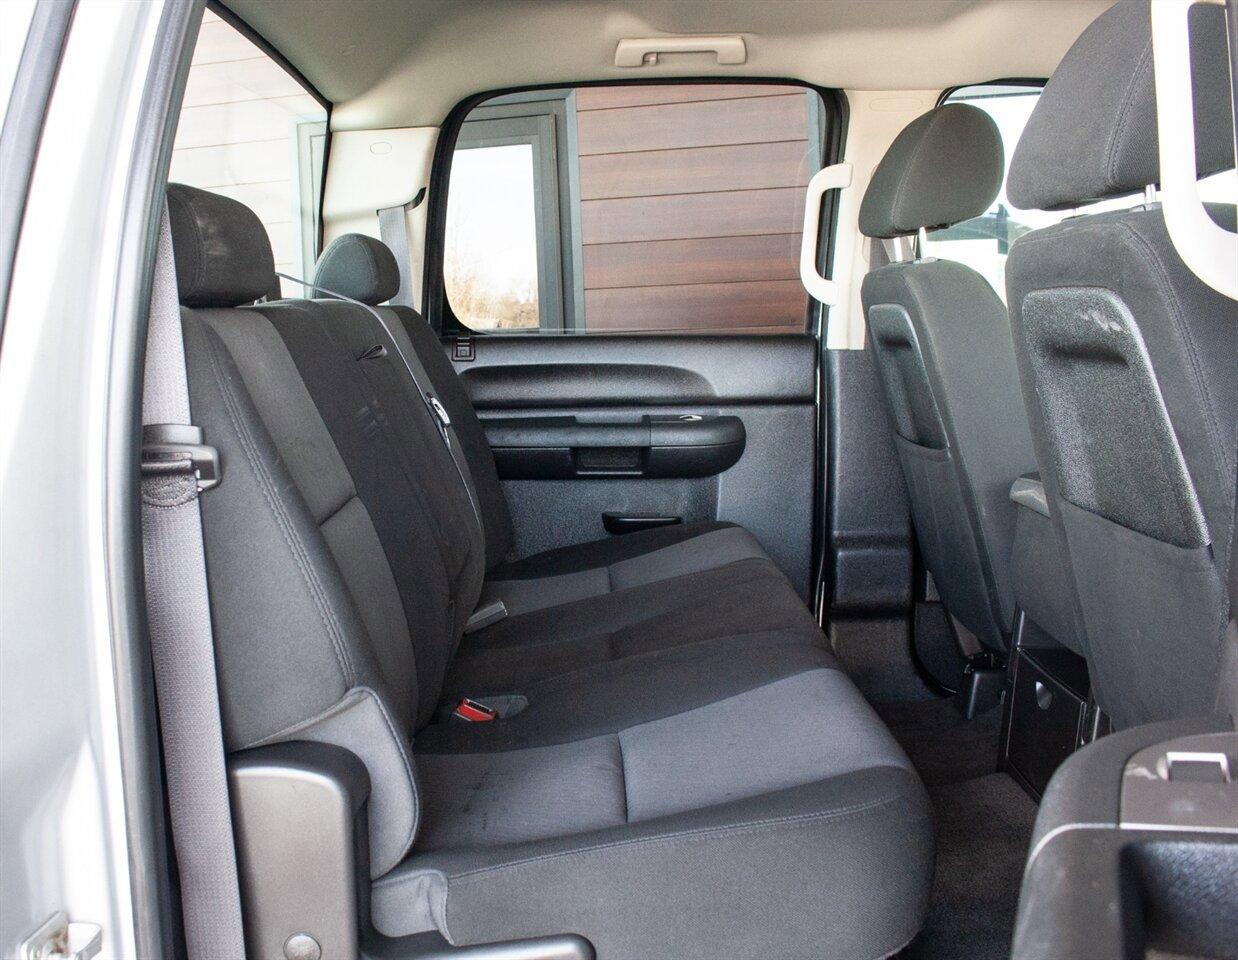 Used 2012 GMC Sierra 2500HD in Boise, IDss